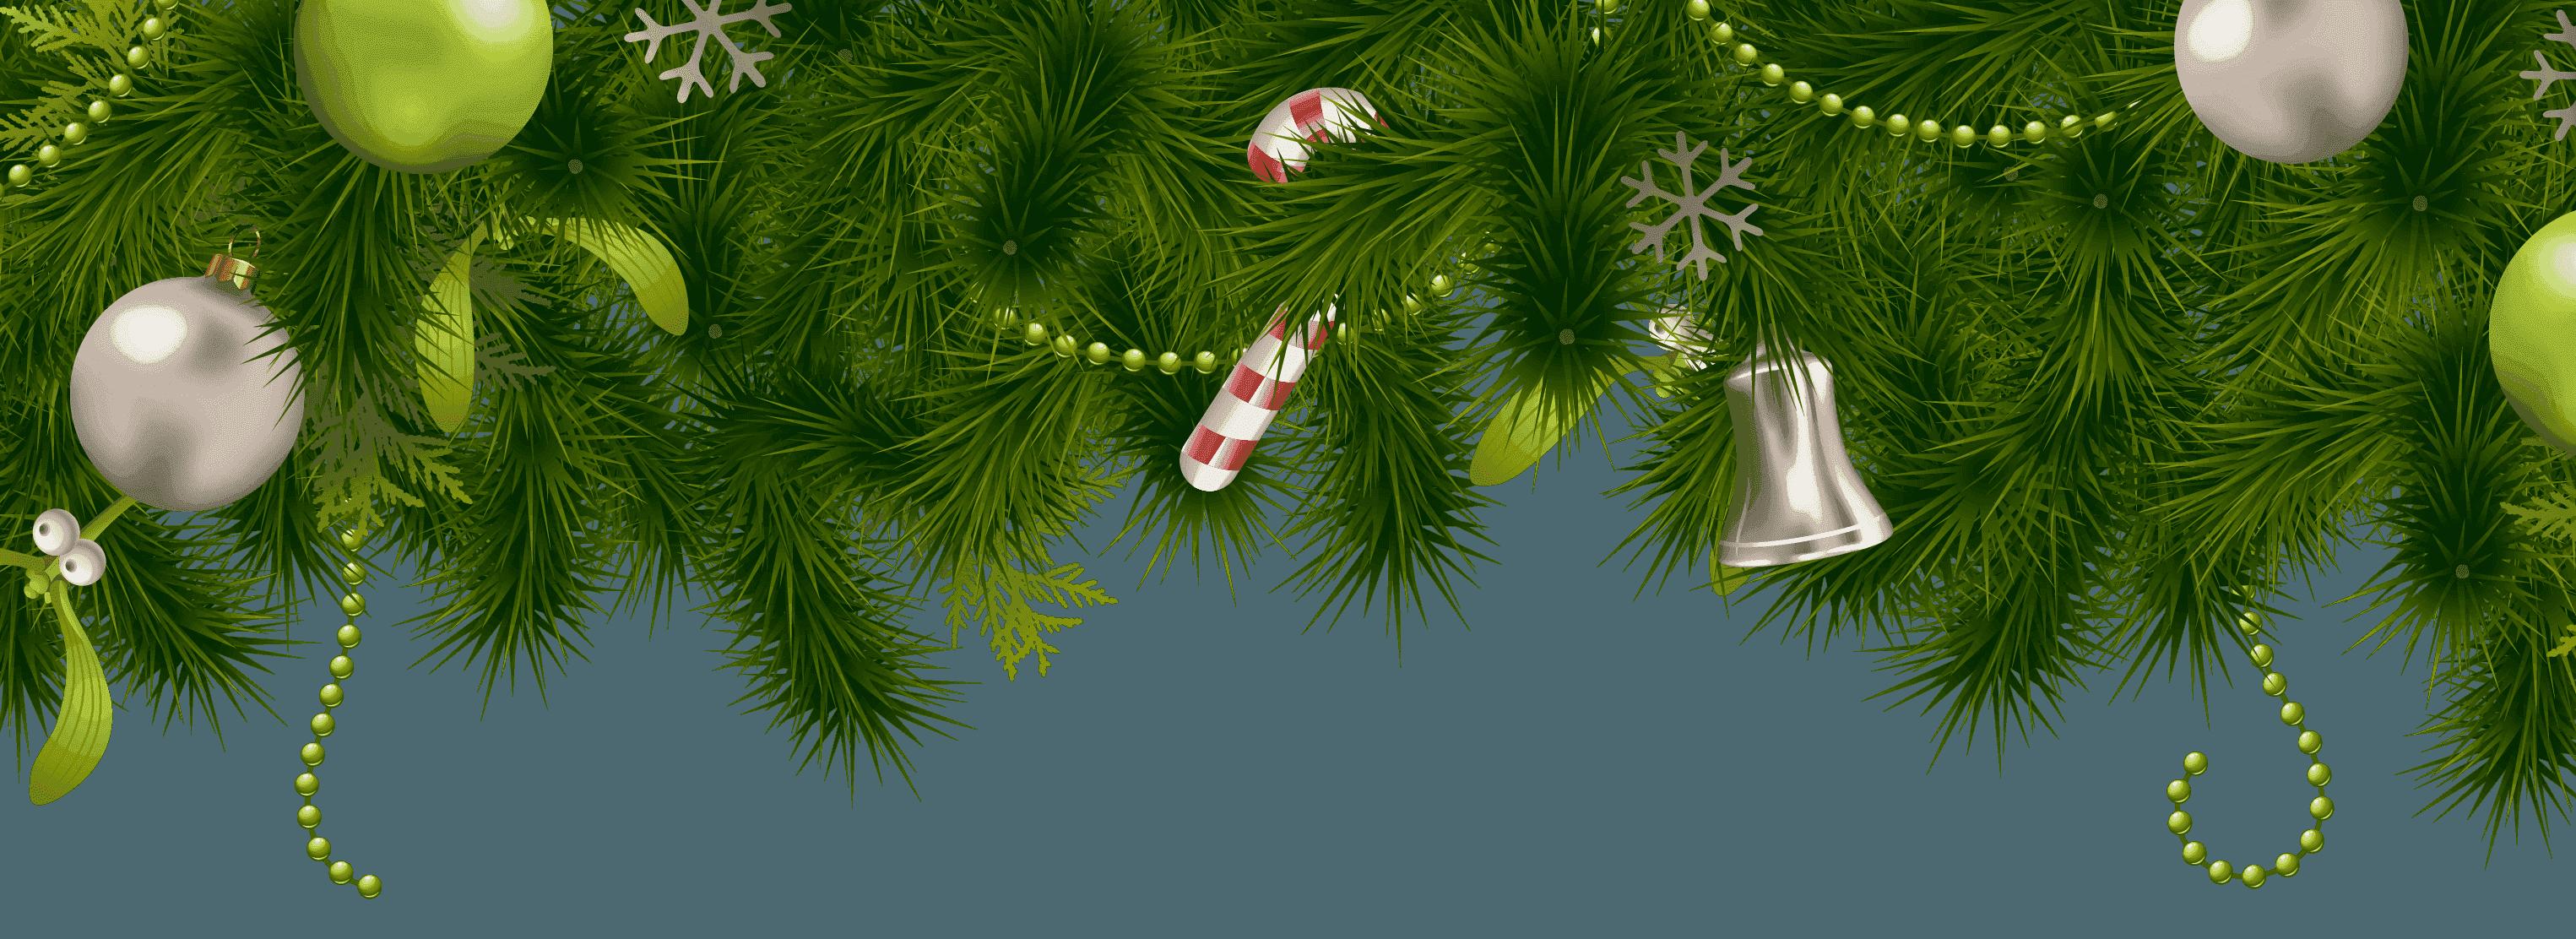 сети моментально картинки веточки ели новогодние без фона это